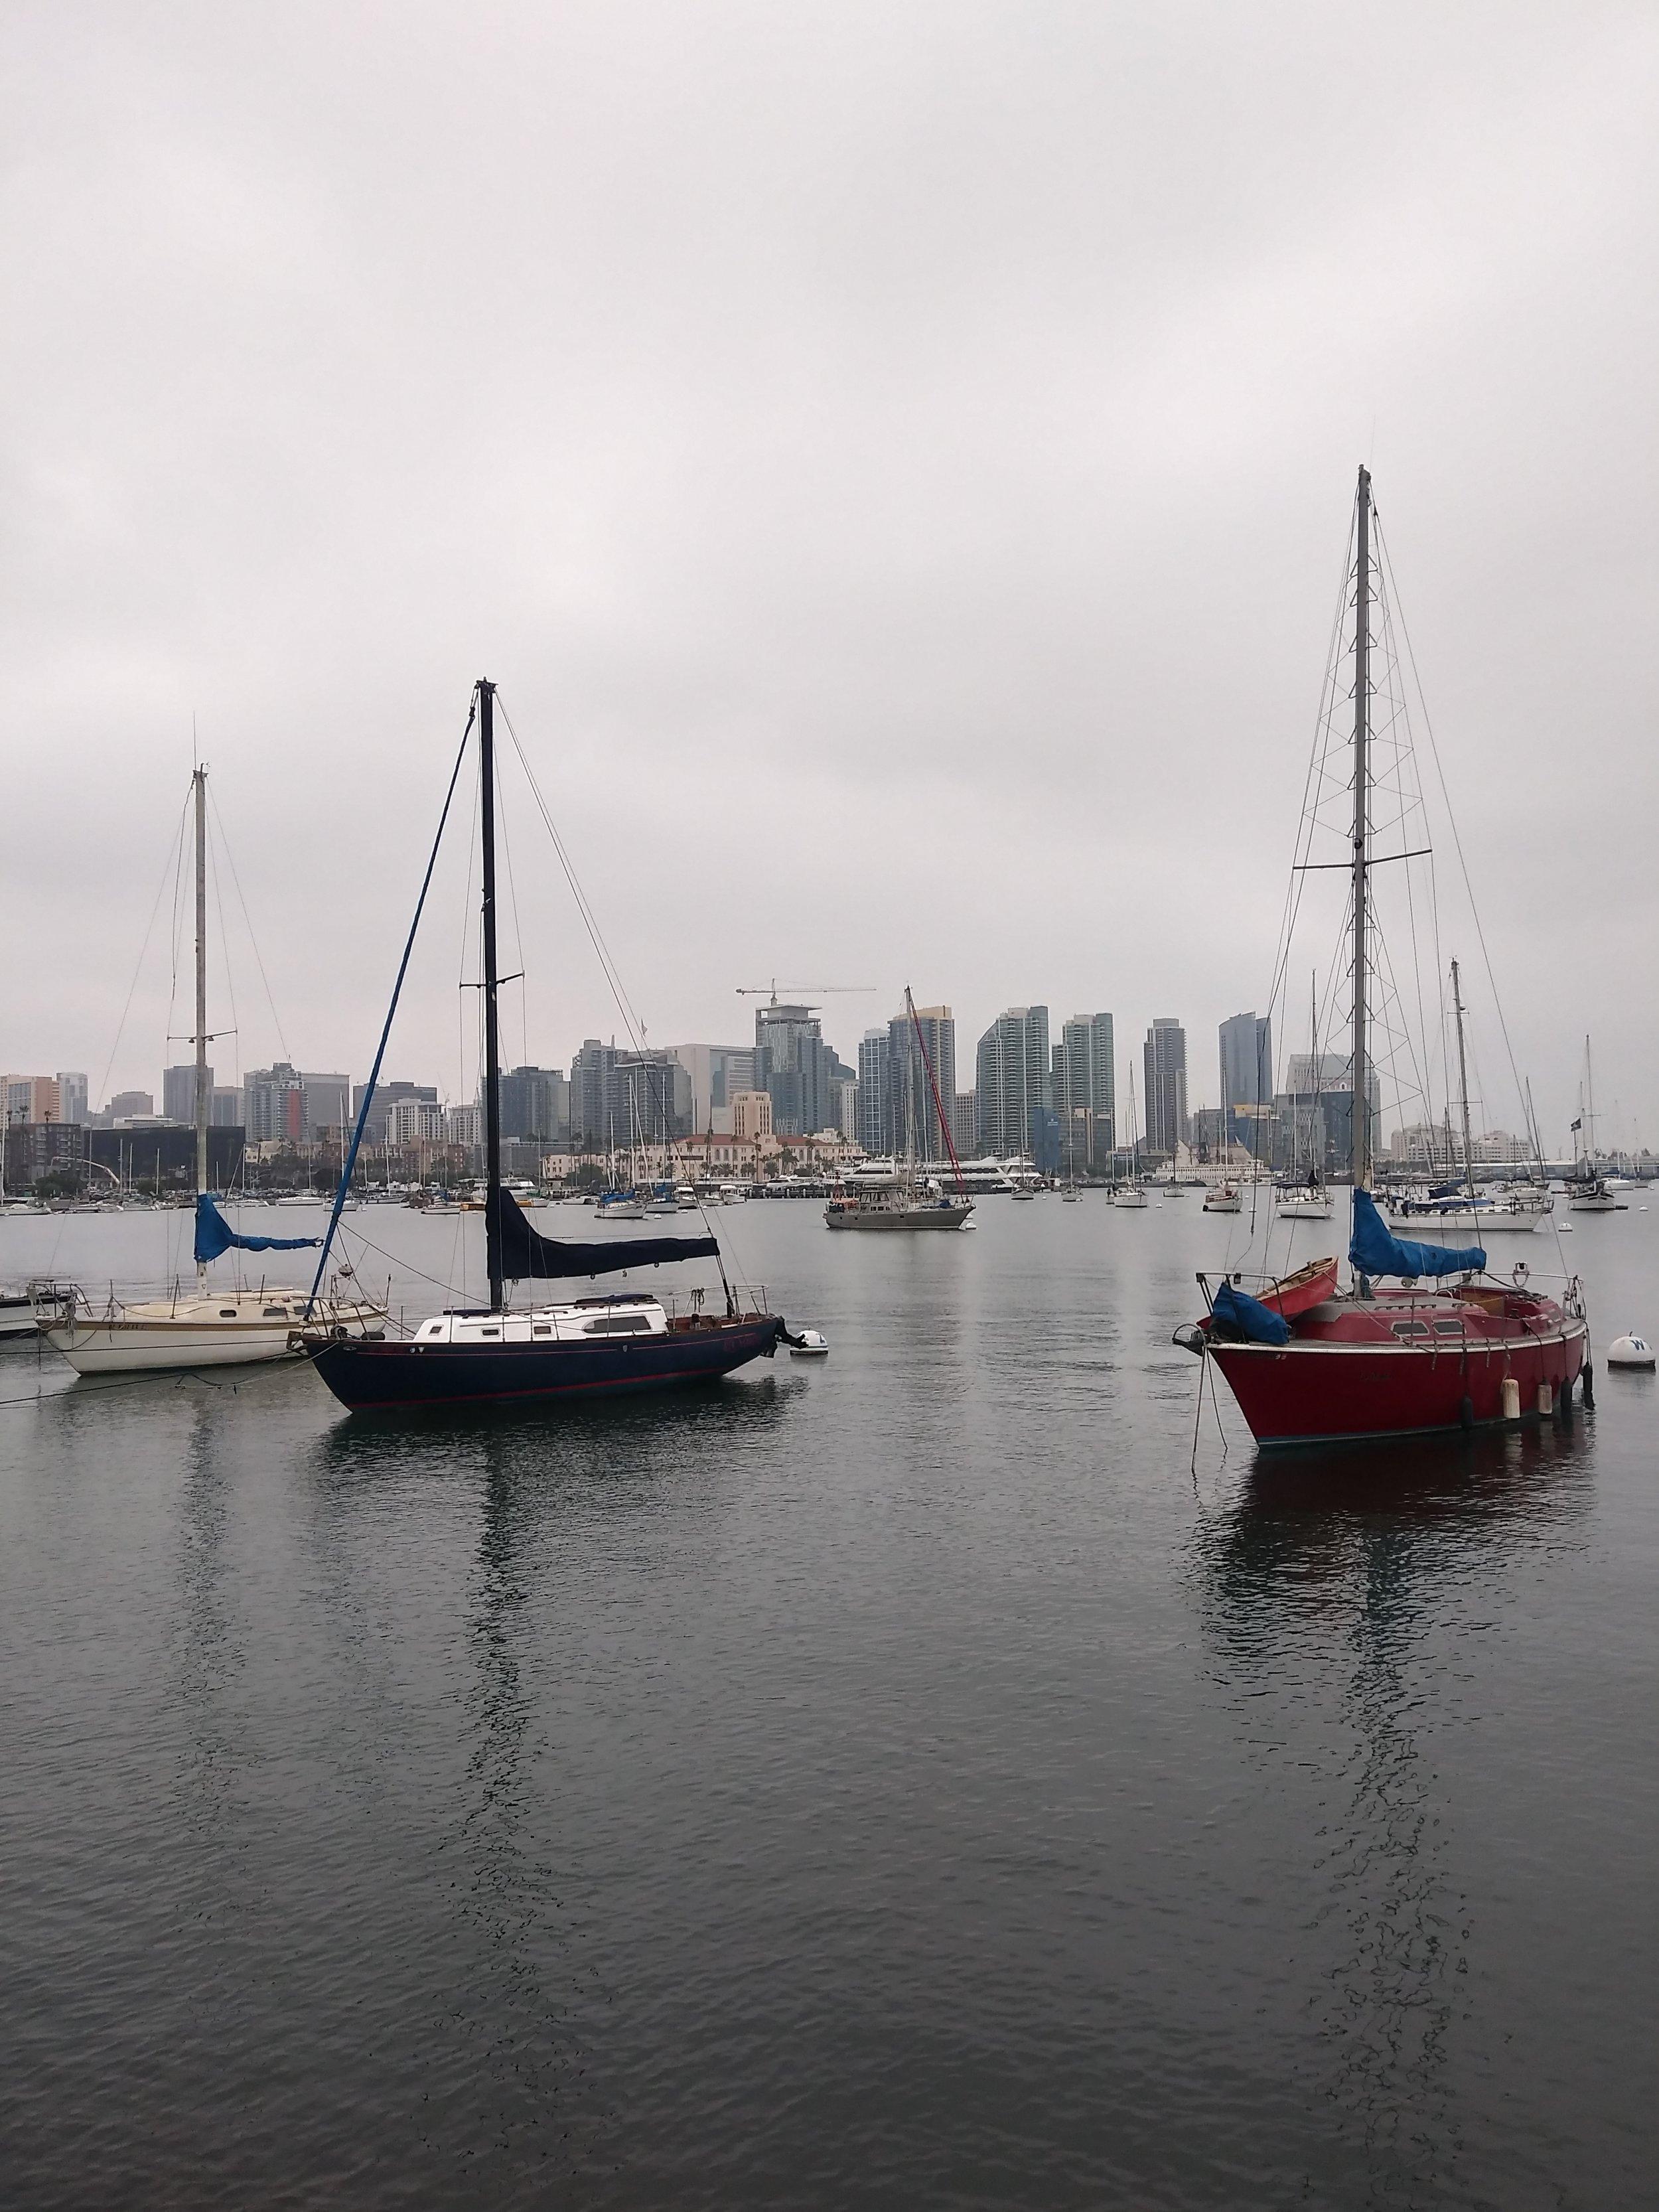 Adios San Diego